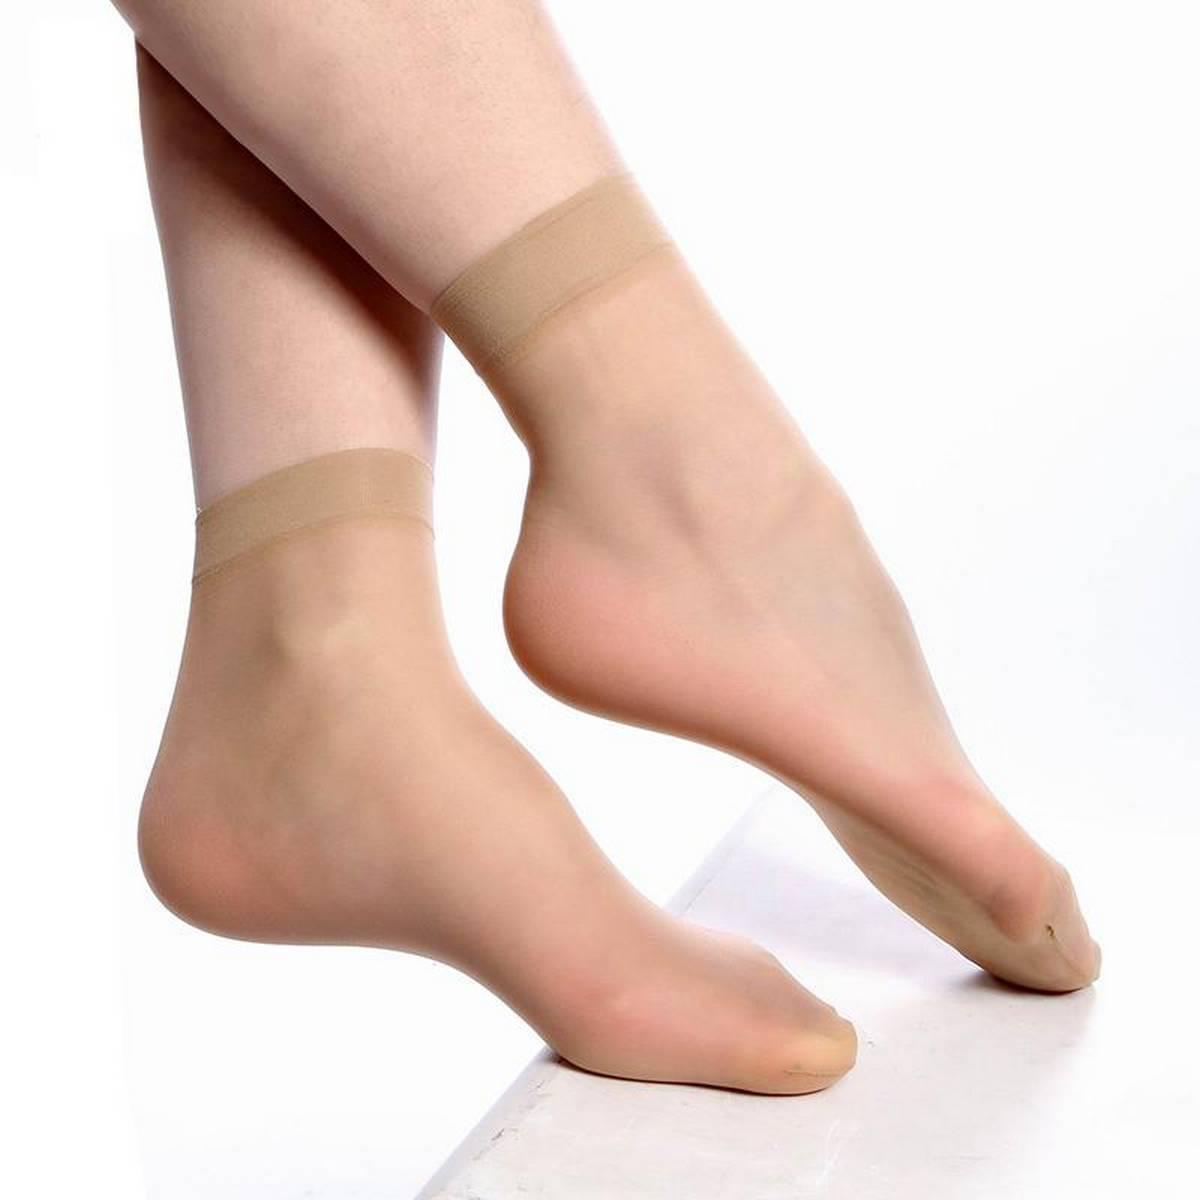 Skin Nylon Socks For Women